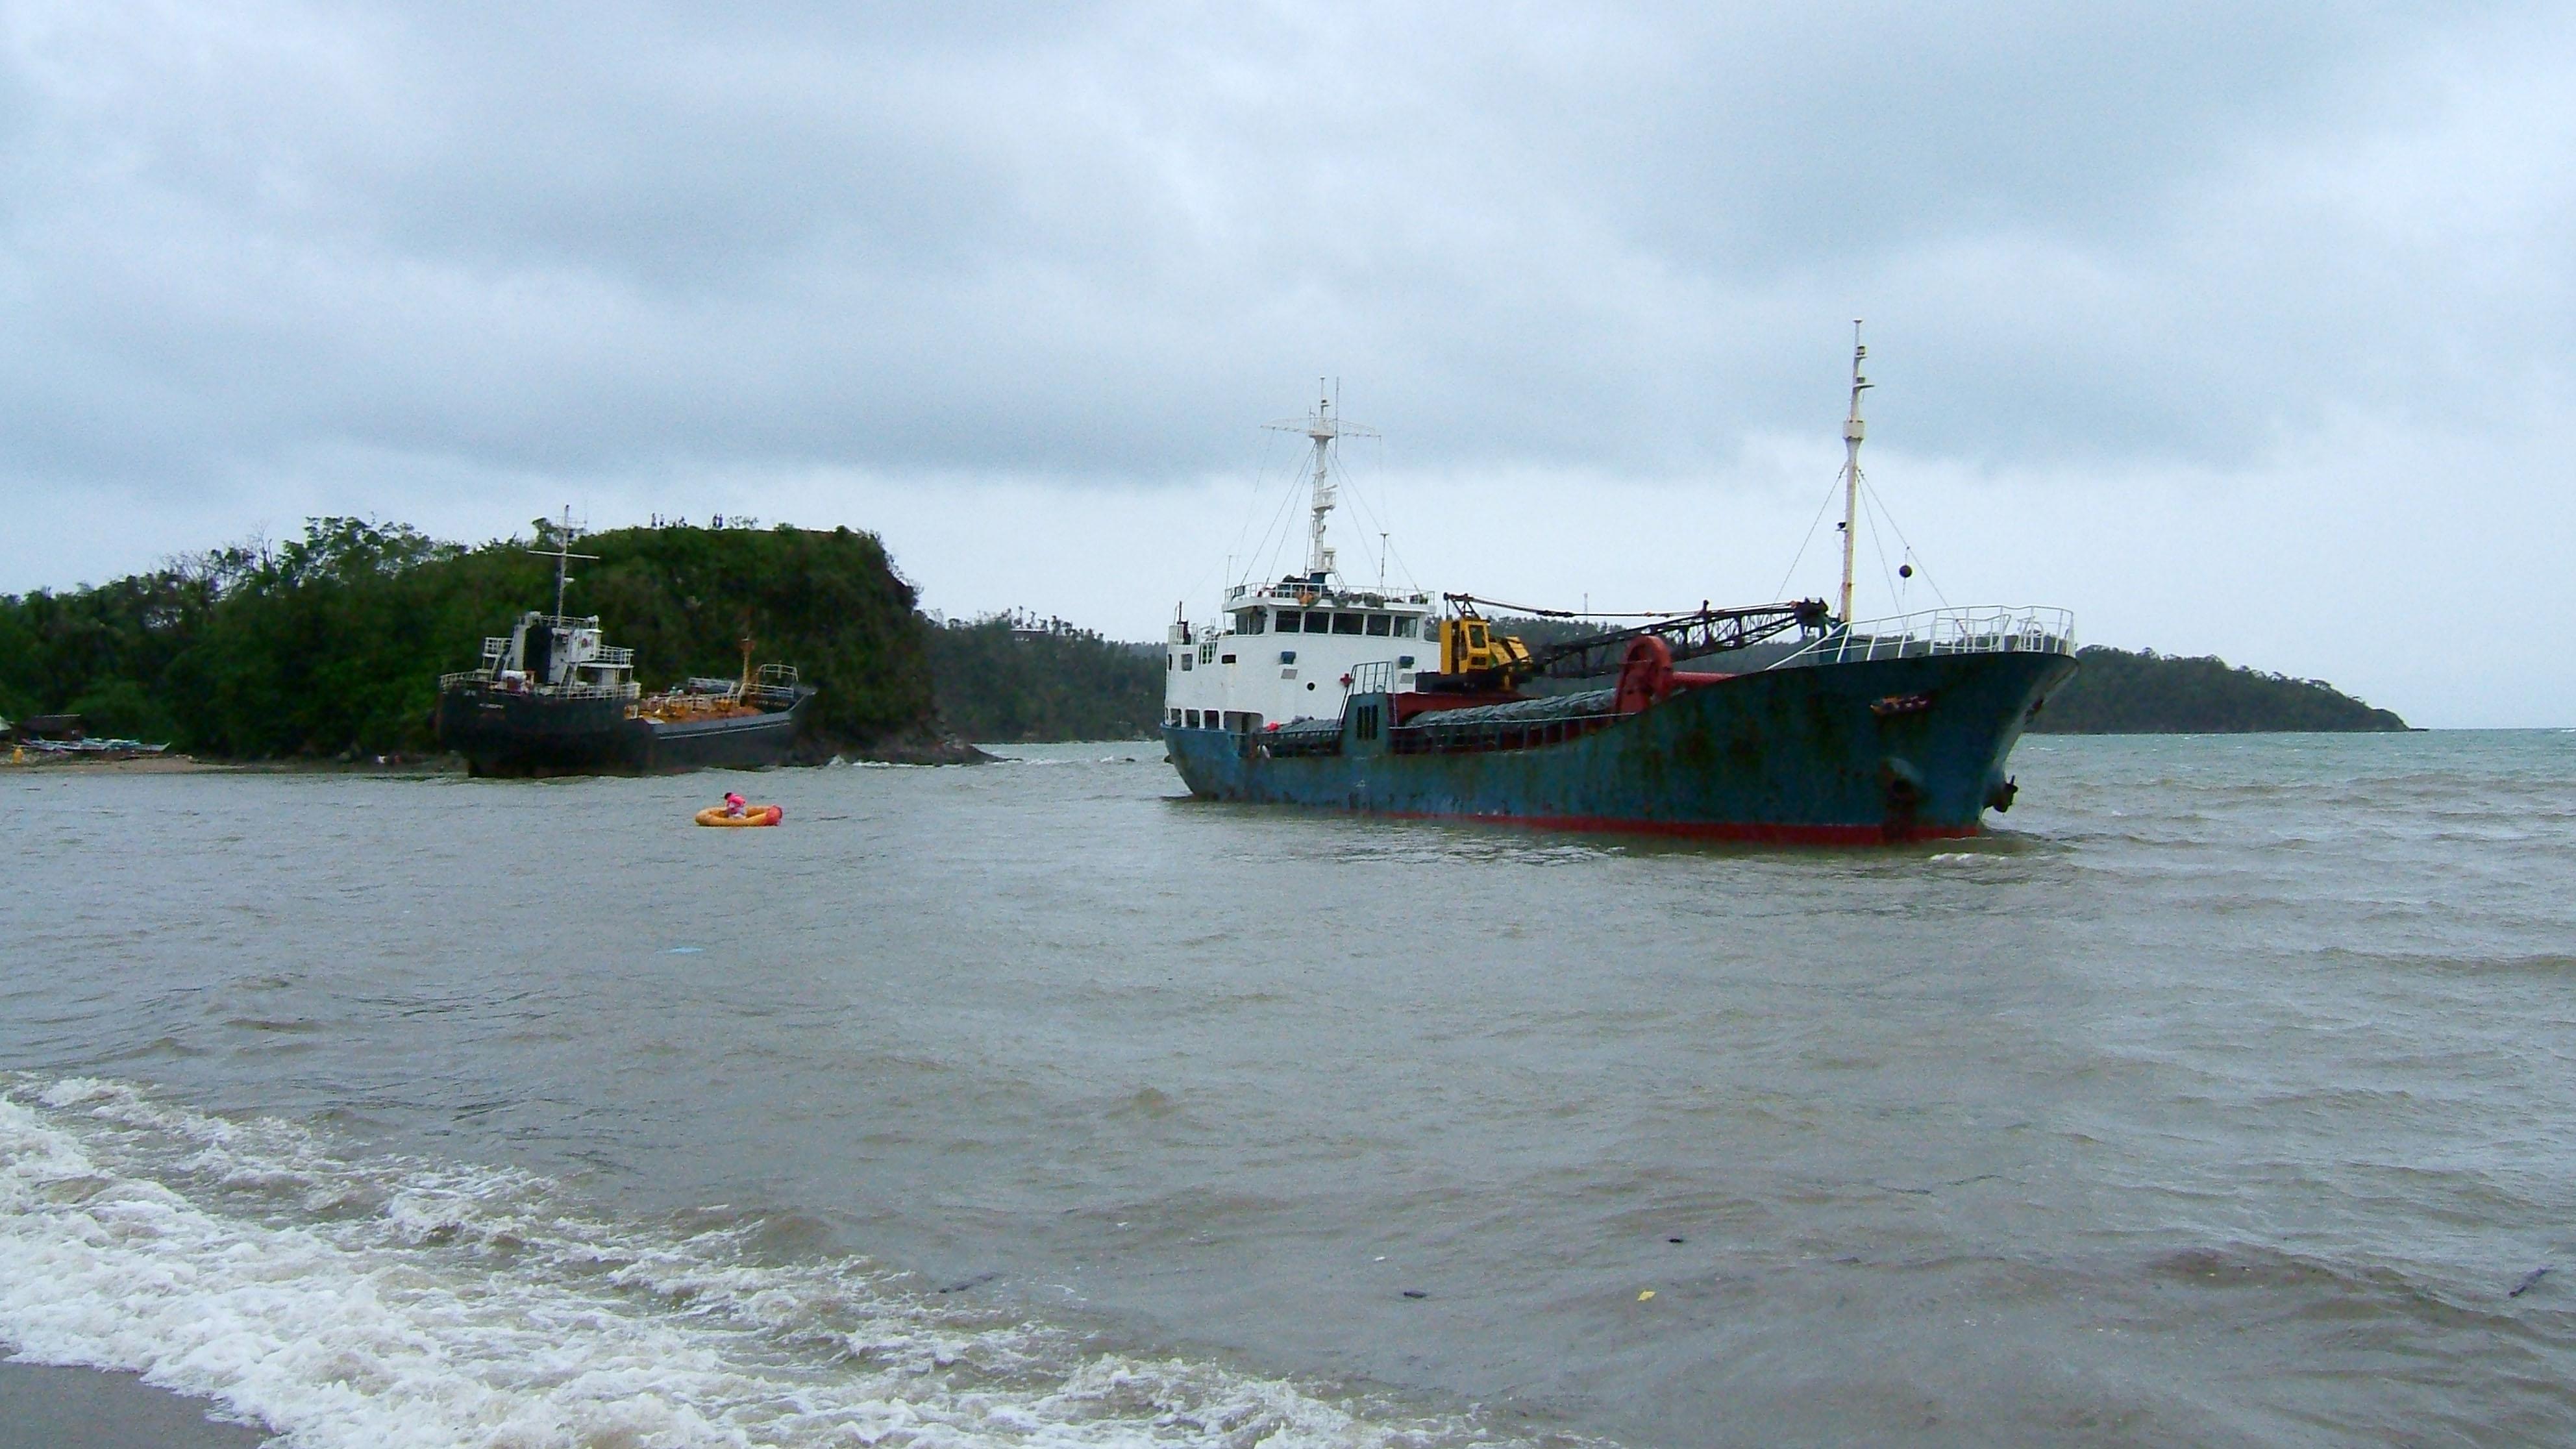 MV MIA Cebu Typhoon Chanchu Poblacion Hundura Beach Varadero Bay 02